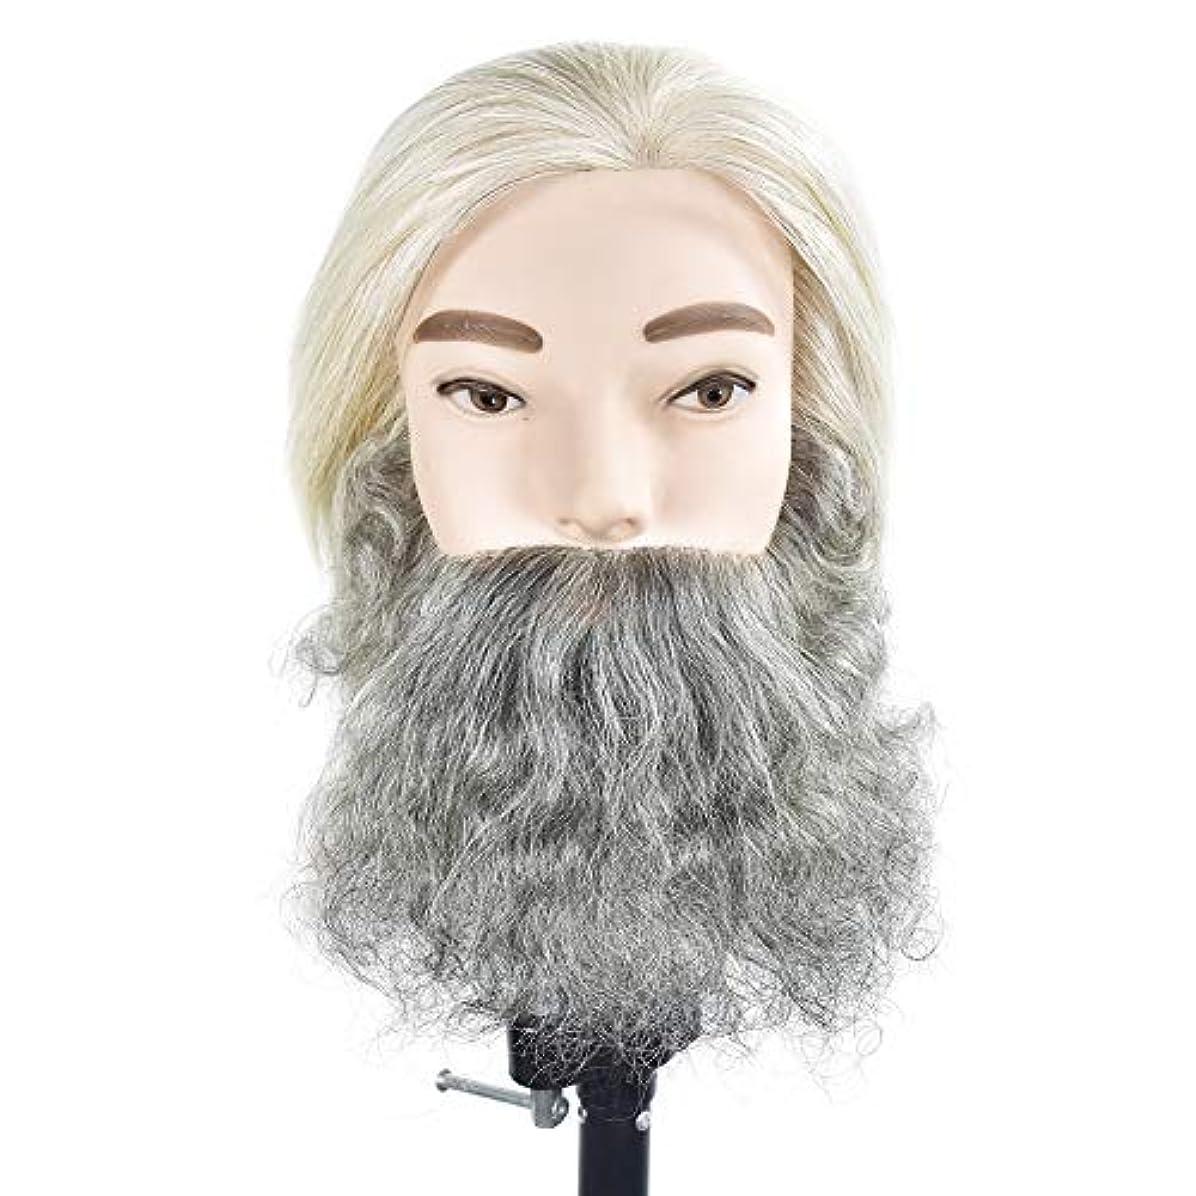 晩餐料理をする課すリアル人間の髪トレーニングヘッドパーマ髪モデル髪染め理髪ダミーヘッドトリミングひげ学習ヘッドモデル